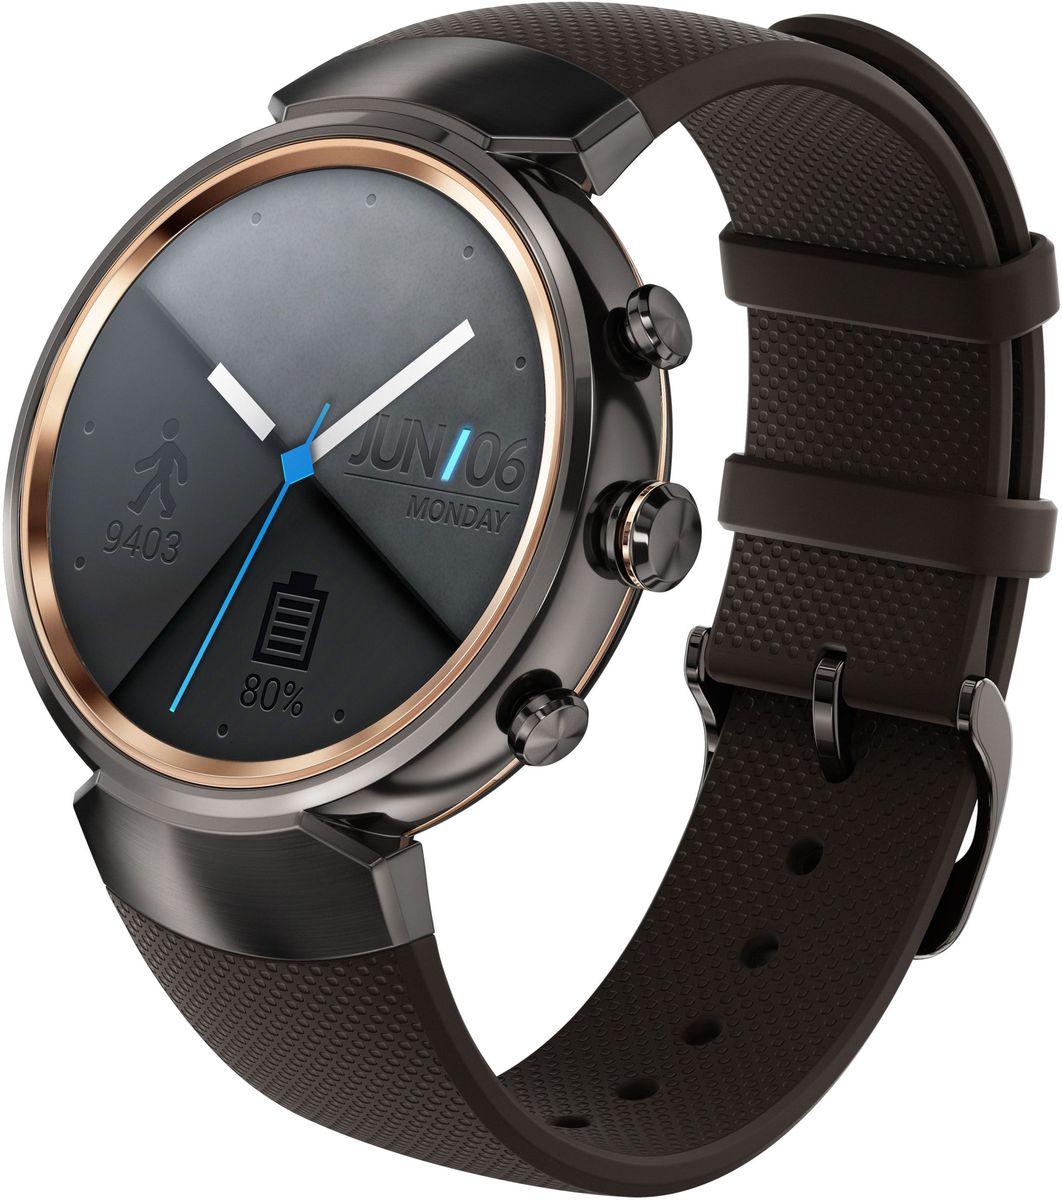 ASUS ZenWatch 3 WI503Q, Gunmetal смарт-часыWI503Q-1RGRY0011ASUS ZenWatch 3 - это современное цифровое устройство, выполненное в соответствии с давними традициями часового искусства из высококачественных материалов и с вниманием к каждой детали. Эти часы умеют делать гораздо больше, чем просто показывать время, а благодаря широким возможностям по персонализации их интерфейса вы легко можете настроить их по своему вкусу. Длительное время автономной работы и технология быстрой подзарядки аккумулятора делают ASUS ZenWatch 3 по-настоящему мобильным устройством, которое всегда будет готово к работе. Своим внешним видом ASUS ZenWatch 3 ближе к традиционным часам, чем к современным цифровым гаджетам. Их стильный дизайн вдохновлен образом солнечного затмения, а широчайшая функциональность реализована с безупречным мастерством. Корпус часов ZenWatch 3 изготовлен из ювелирной нержавеющей стали марки 316L, которая наделяет их не только превосходным внешним видом, но и долговечностью, ведь ее прочность на 82% выше по...